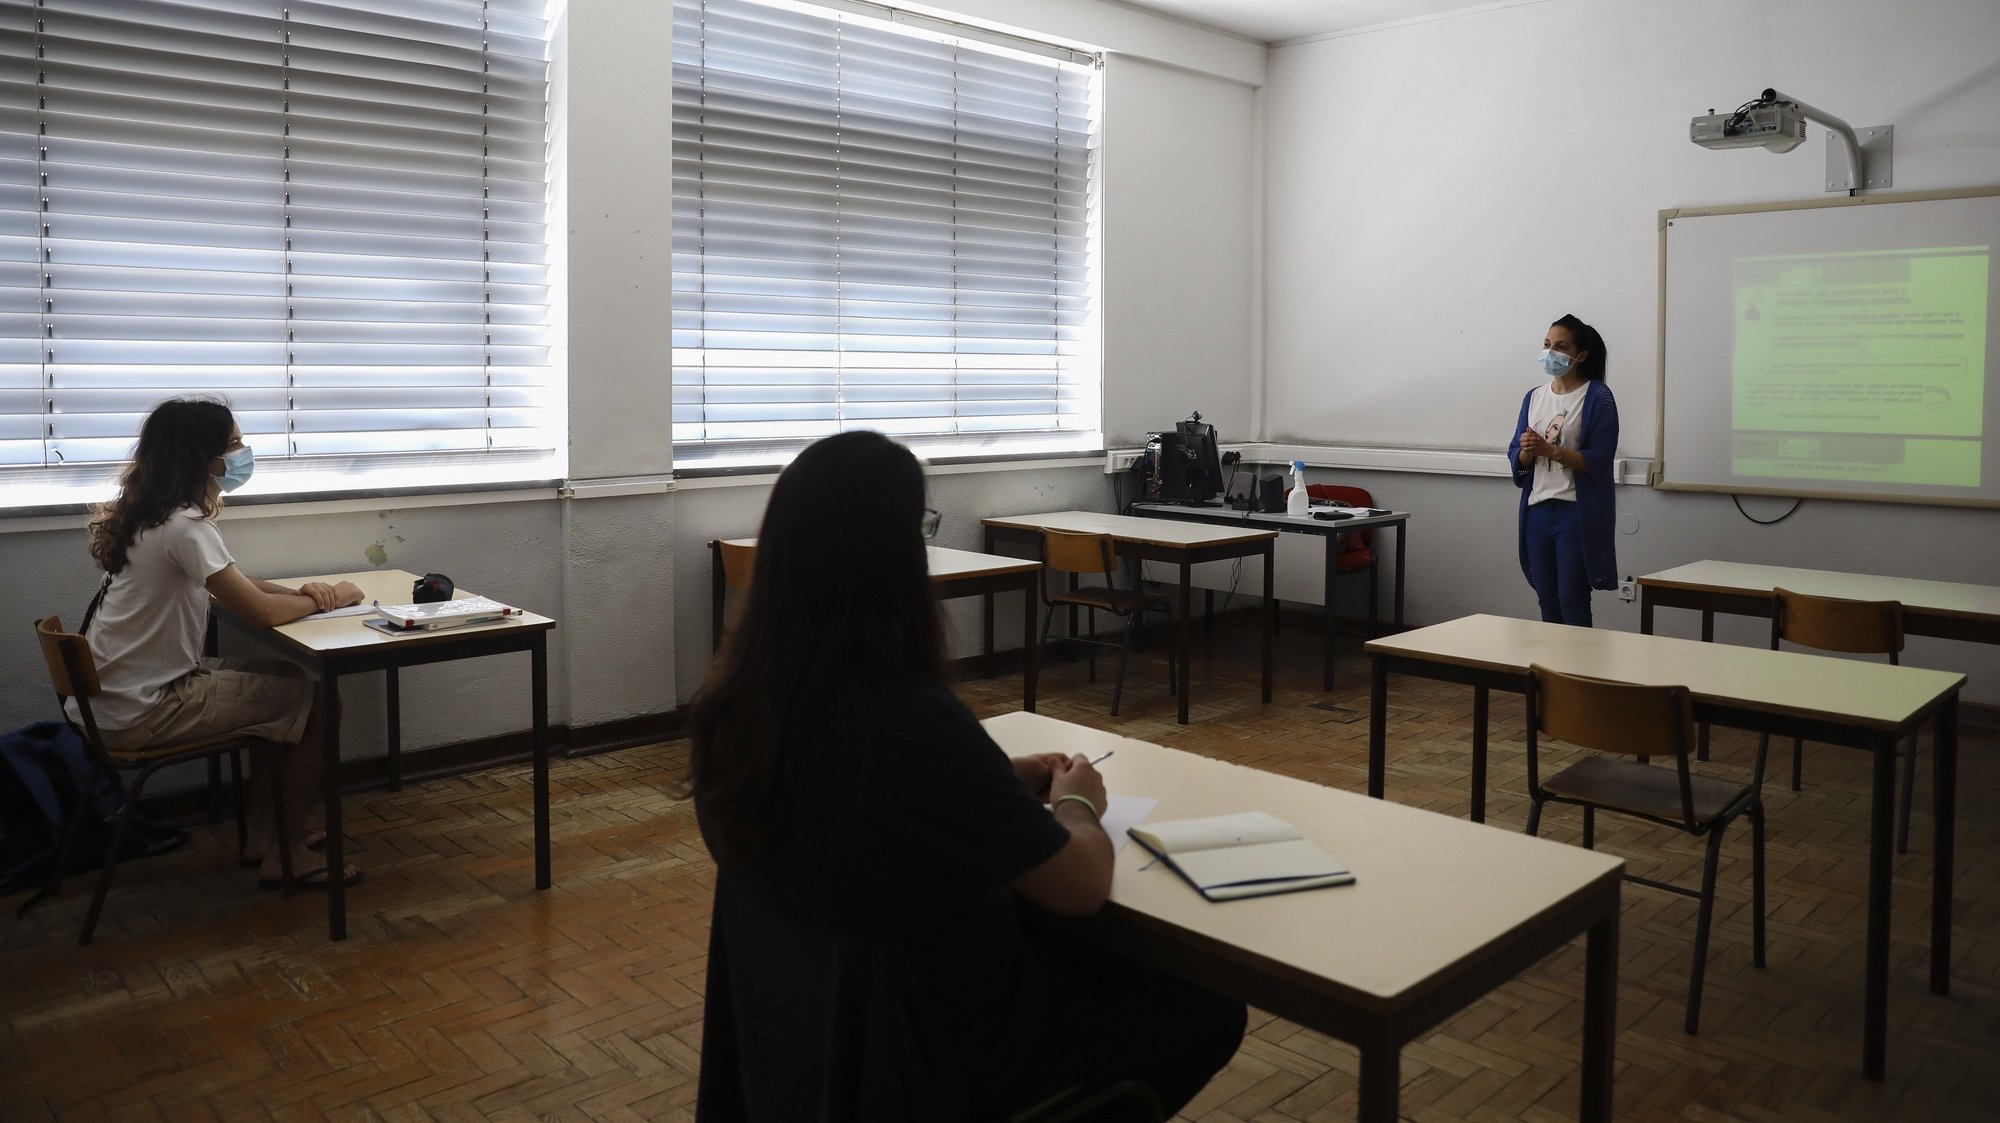 Uma aula na escola Secundária Dr. Serafim Leite, durante uma reportagem no âmbito do ranking das escolas, em São João da Madeira, 22 de junho de 2020. O 'ranking' da Lusa, feito com base em dados disponibilizados pelo Ministério da Educação, tem em conta apenas as escolas onde foram feitos pelo menos 100 exames, analisando por isso as classificações de mais de 221 mil exames de 514 estabelecimentos de ensino públicos e privados. (ACOMPANHA TEXTO DA LUSA DO DIA 27 DE JUNHO DE 2020). JOSÉ COELHO/LUSA